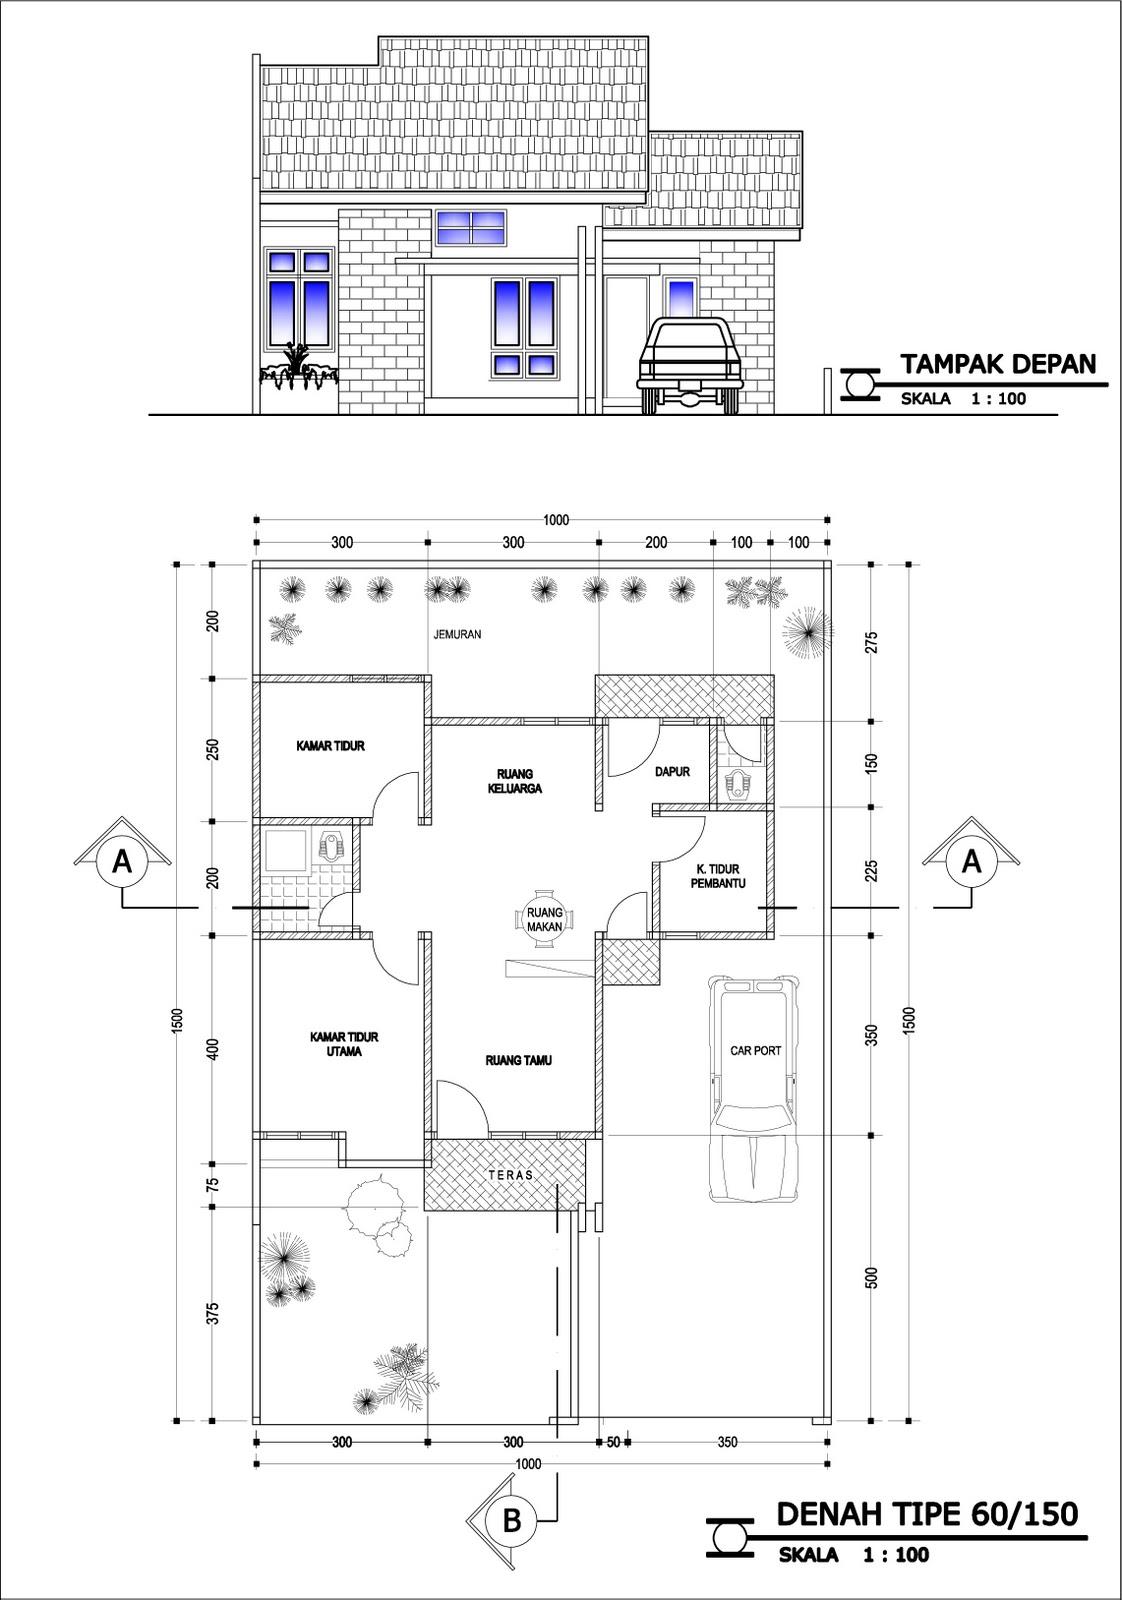 Image Result For Denah Rumah Minimalis Kamar Tampak Depan